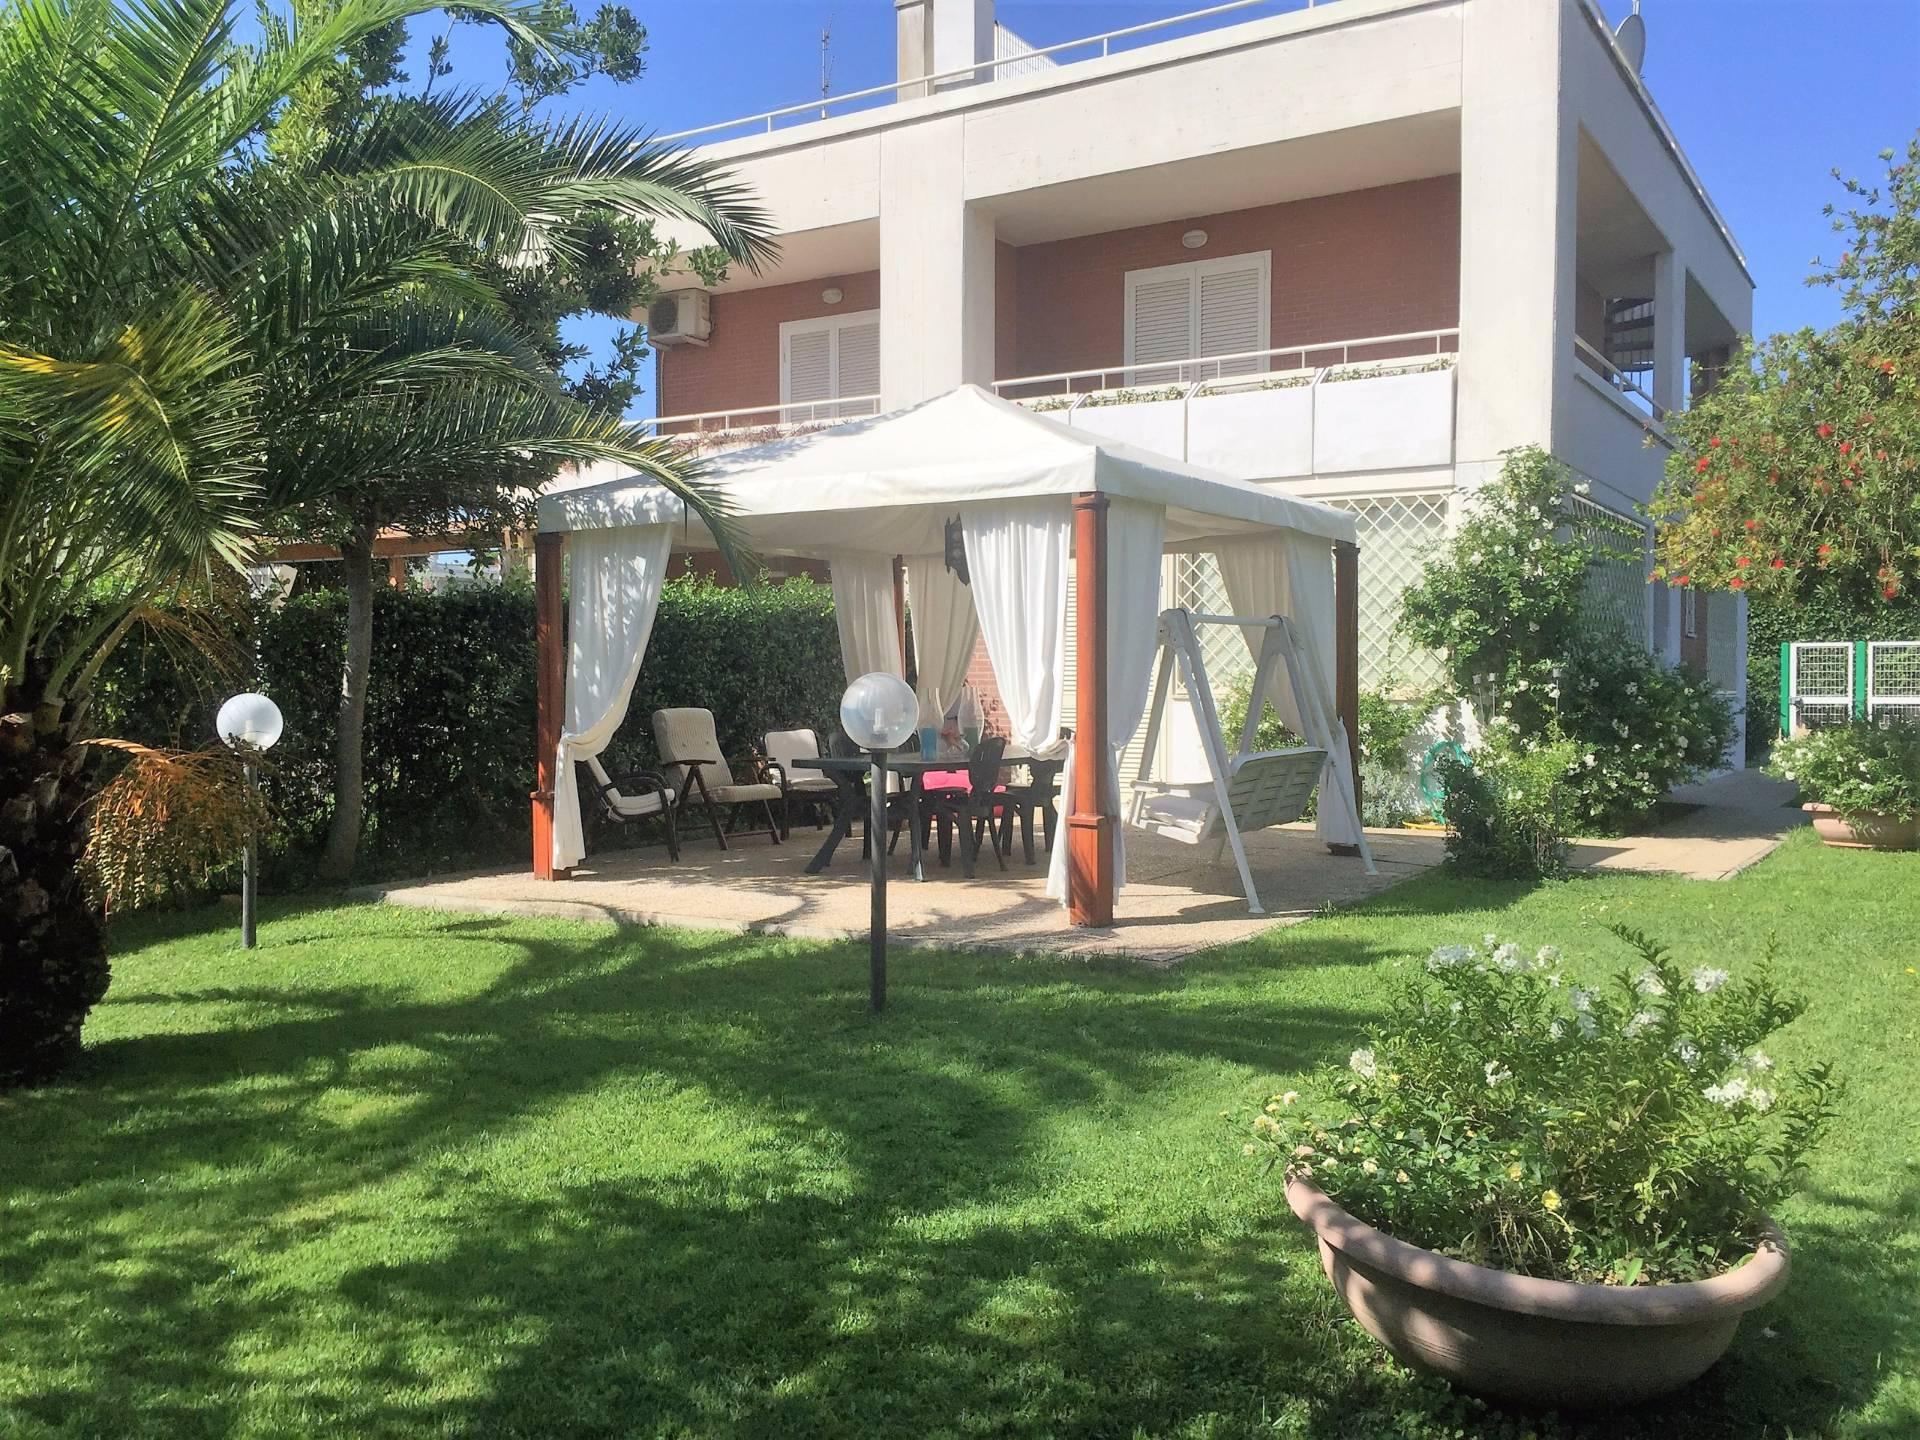 Villa in vendita a Nettuno, 5 locali, zona Località: colleparadiso, prezzo € 350.000 | Cambio Casa.it